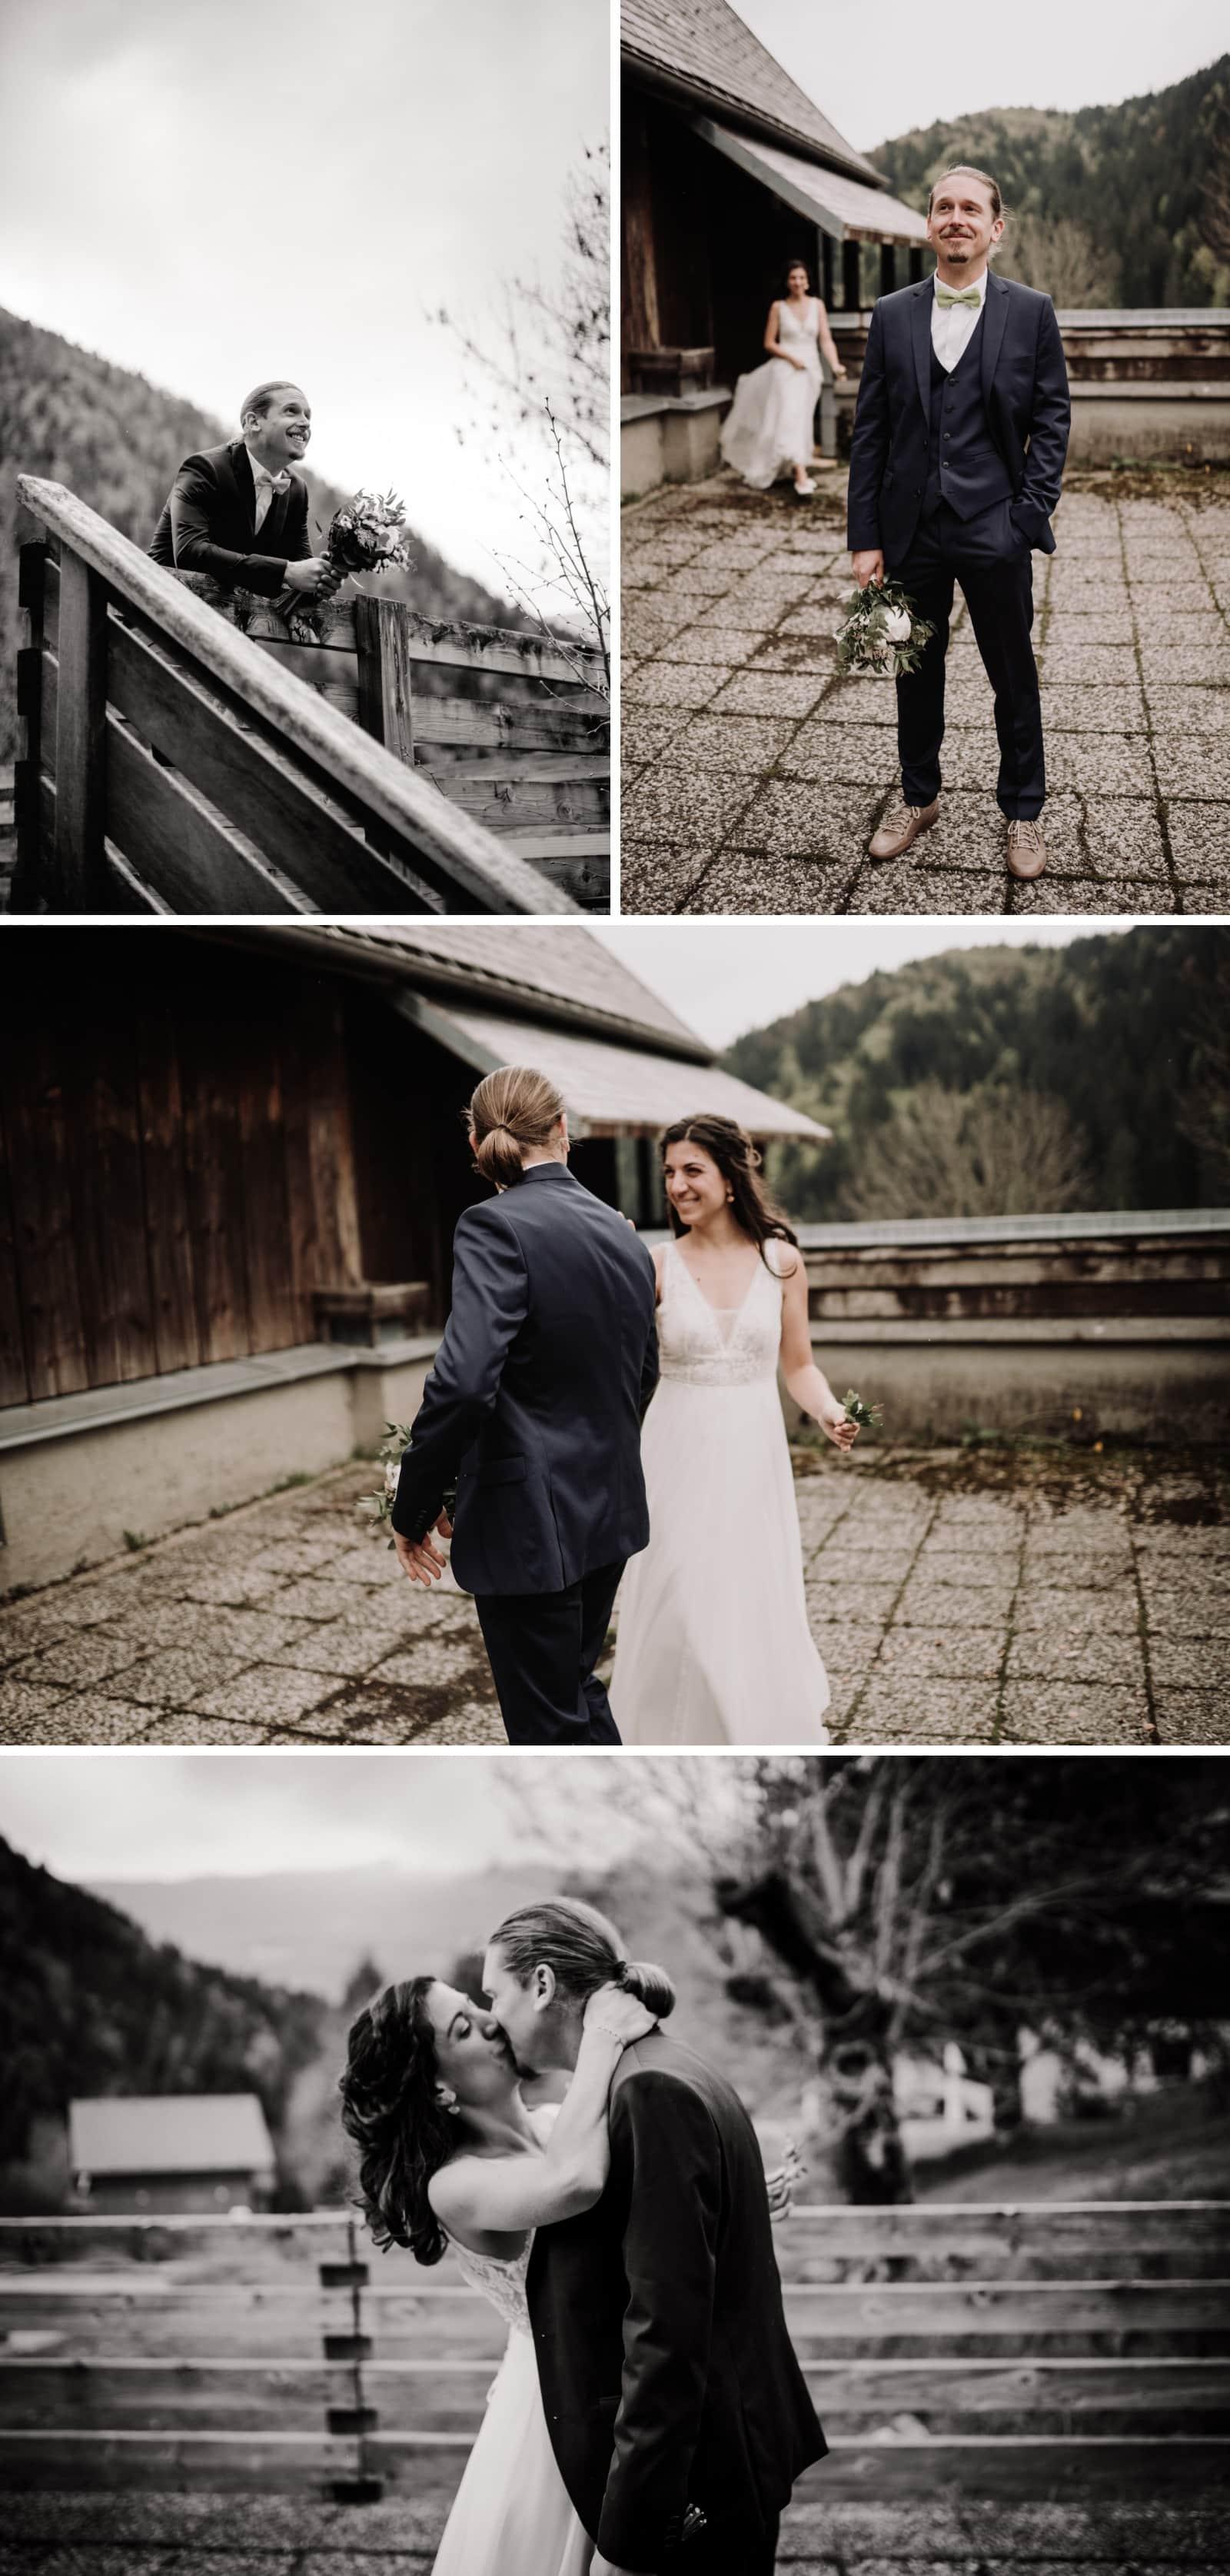 découverte des mariés